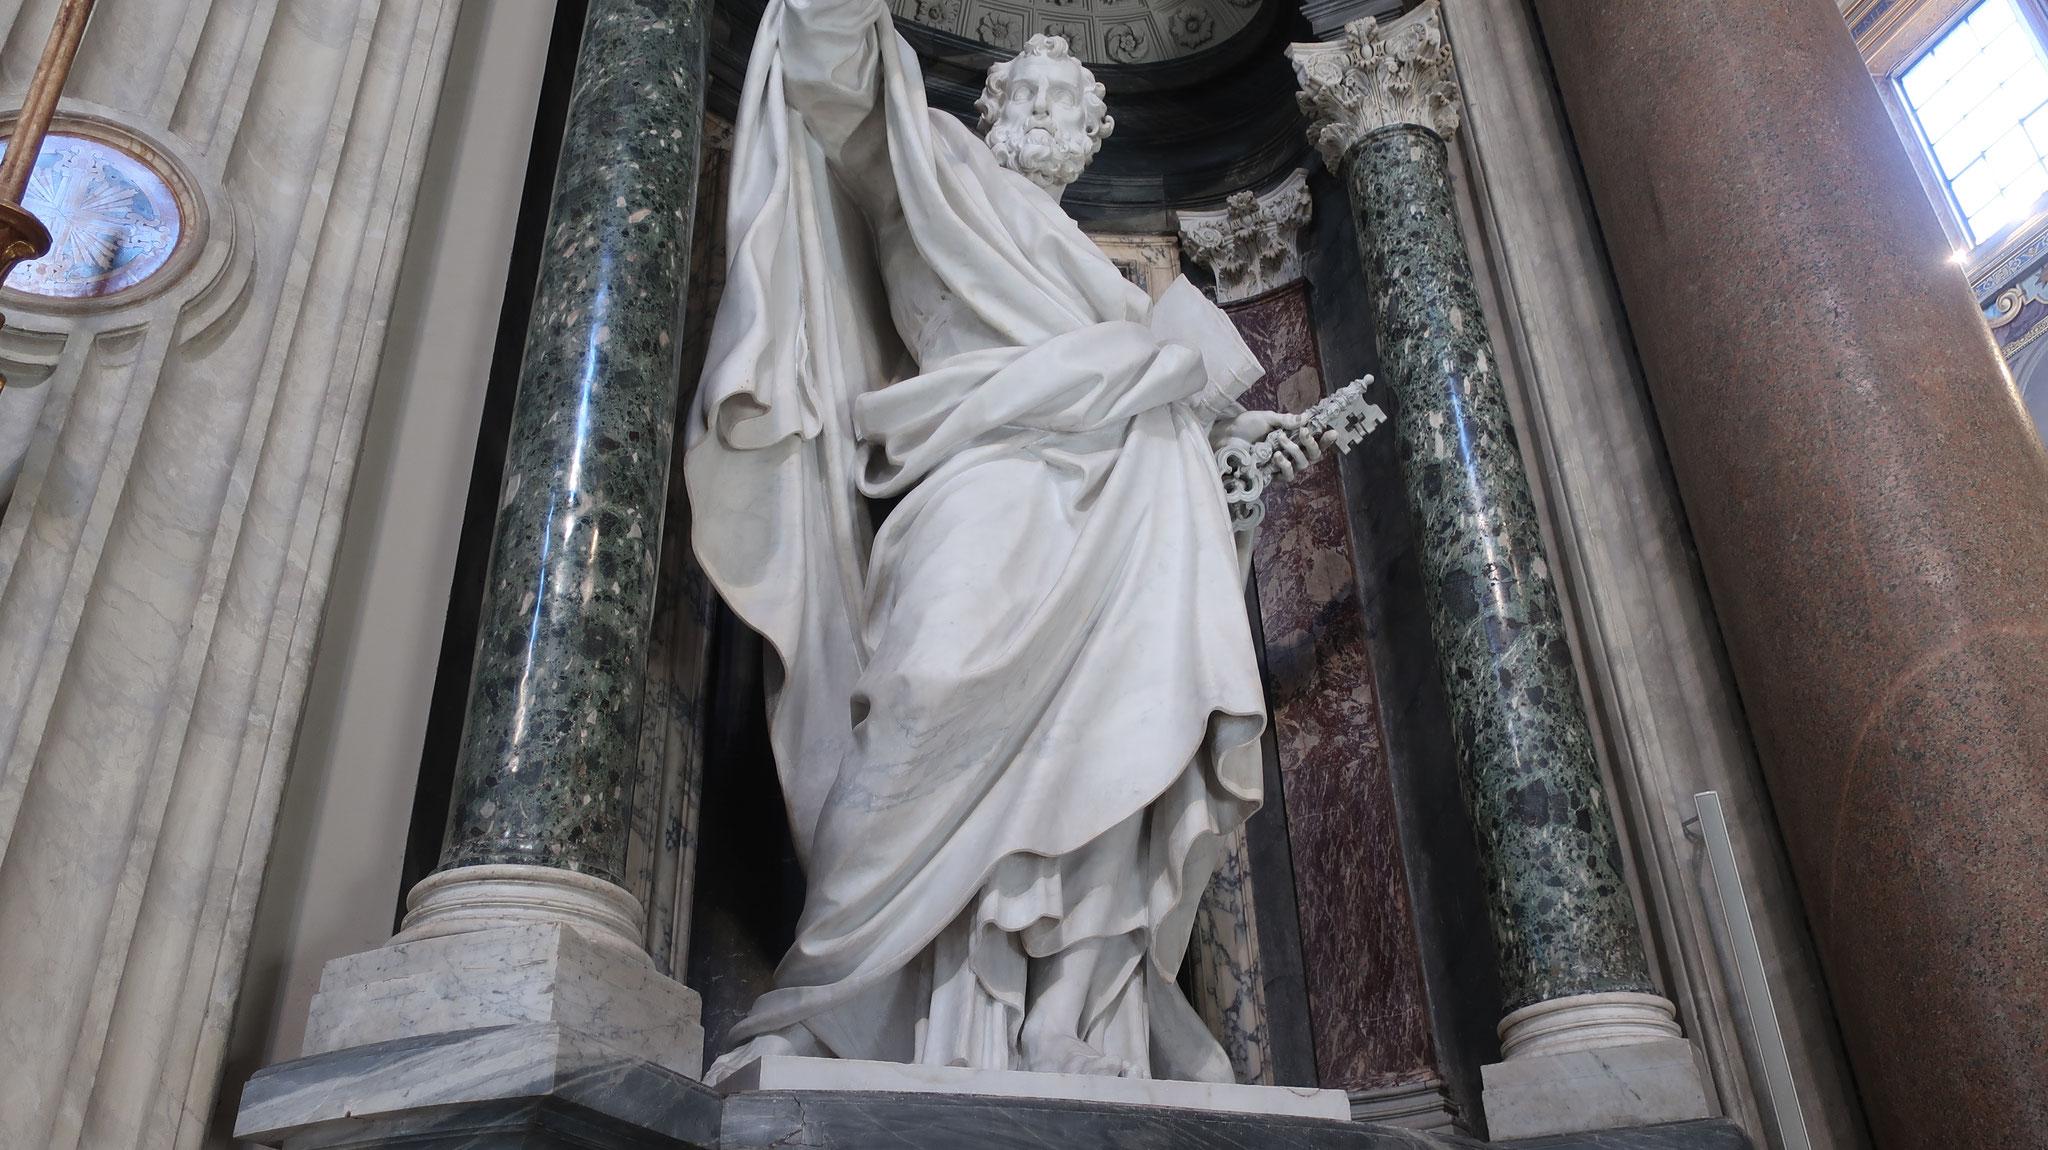 聖ペテロ。ペテロとは「石、岩」を意味します。彼は、キリストから「あなたは岩である。私はこの岩の上に教会を建て、あなたに天国の鍵を授ける」と言われました。だから、手に鍵を持っています。